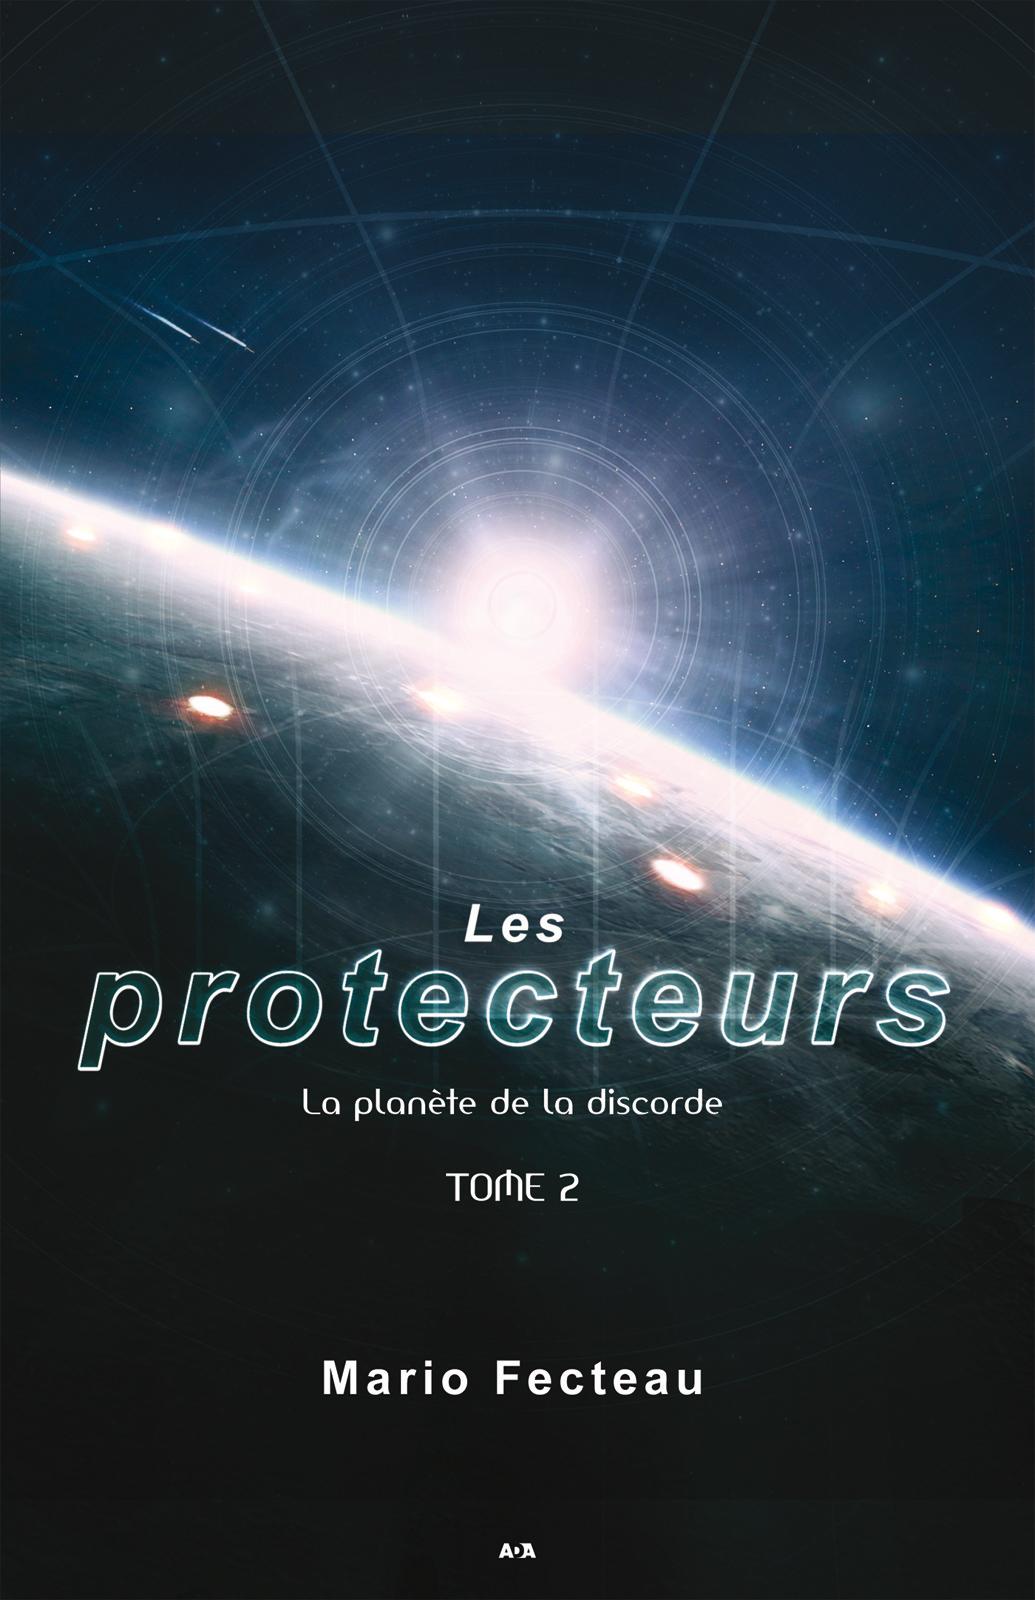 Les protecteurs, La planète de la discorde